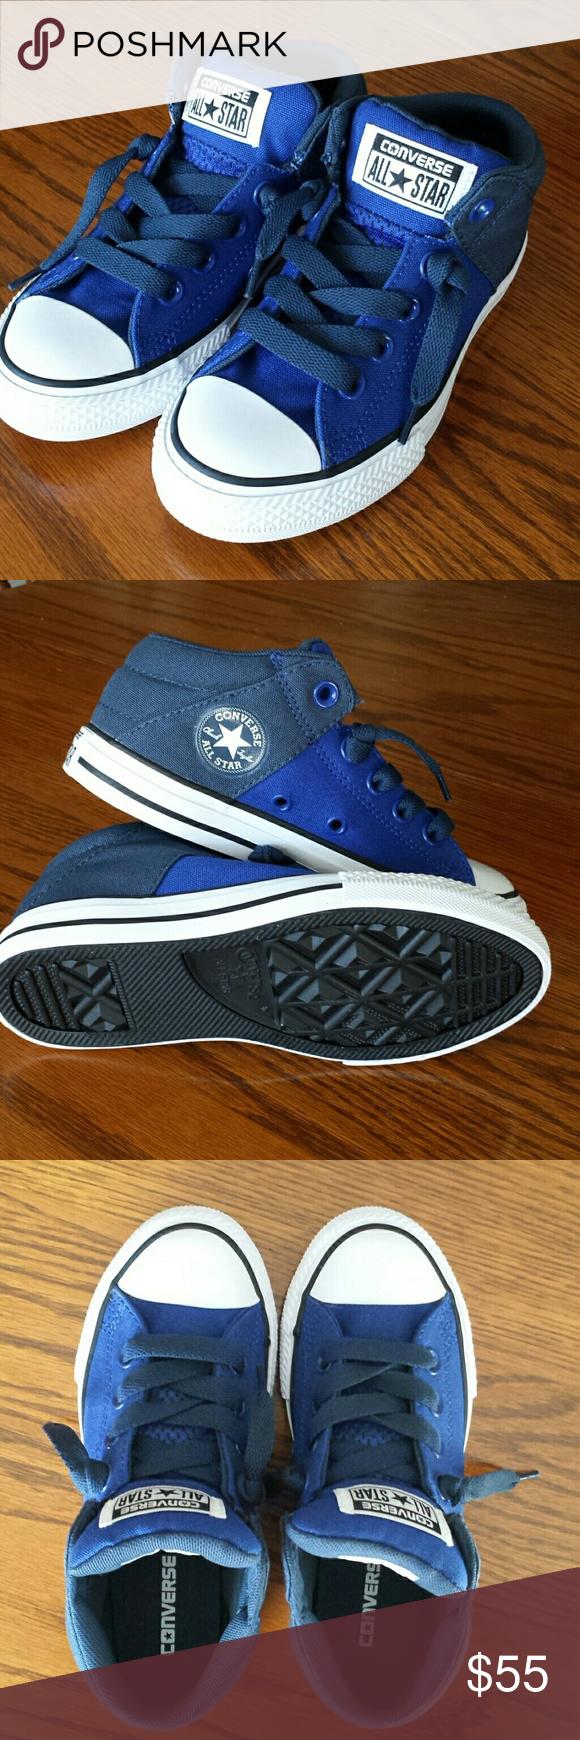 kids royal blue converse